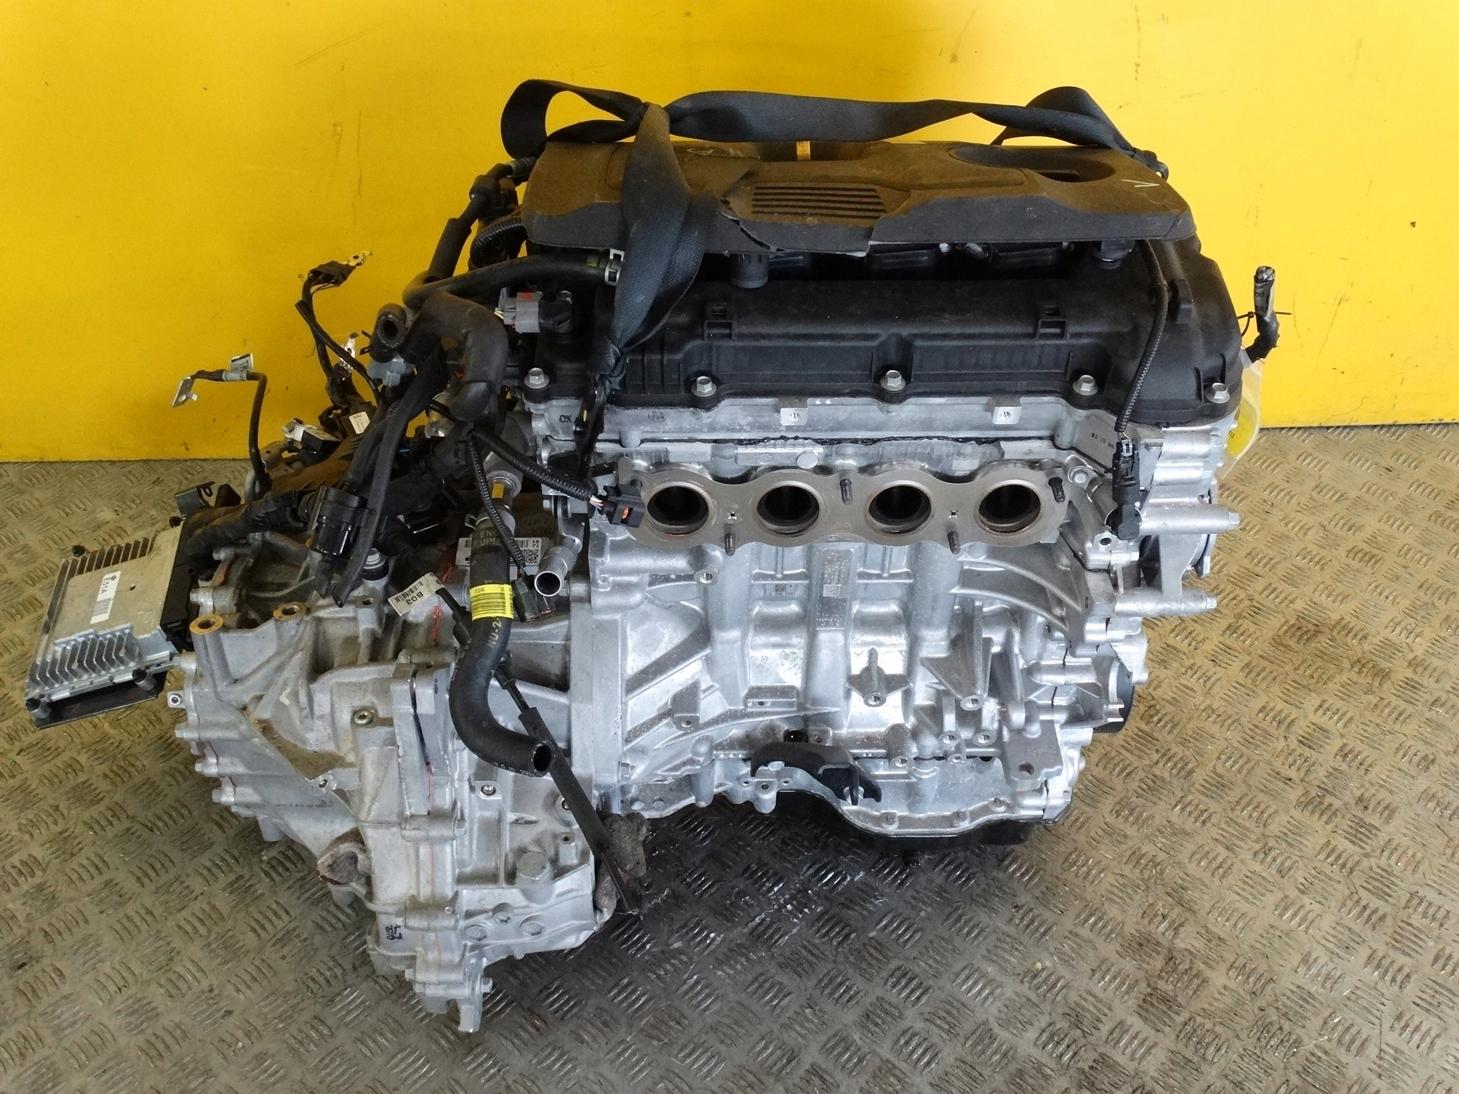 Где производится двигатель КИА Селтос 2.0 литра?